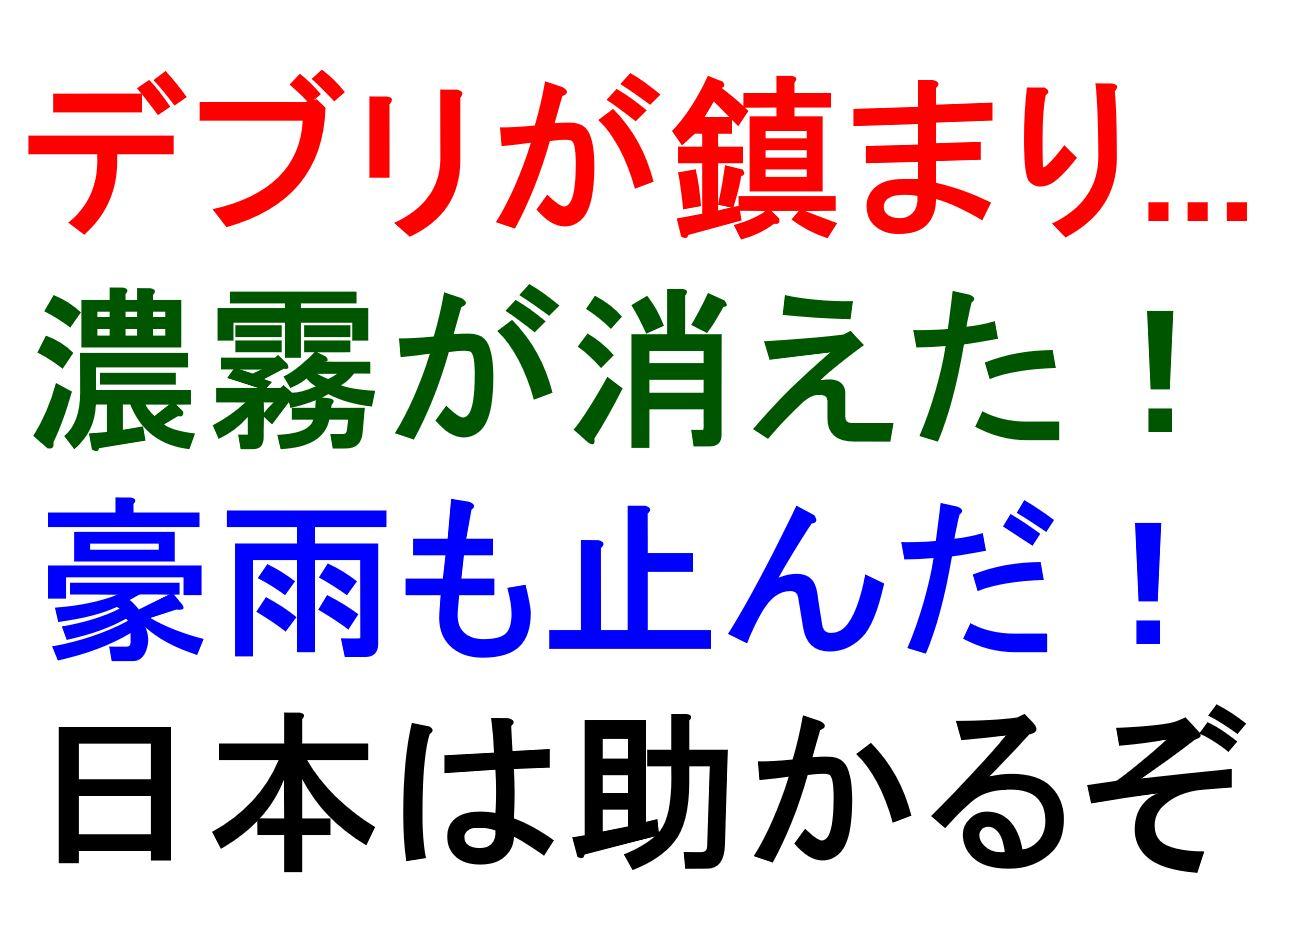 日本は助かる